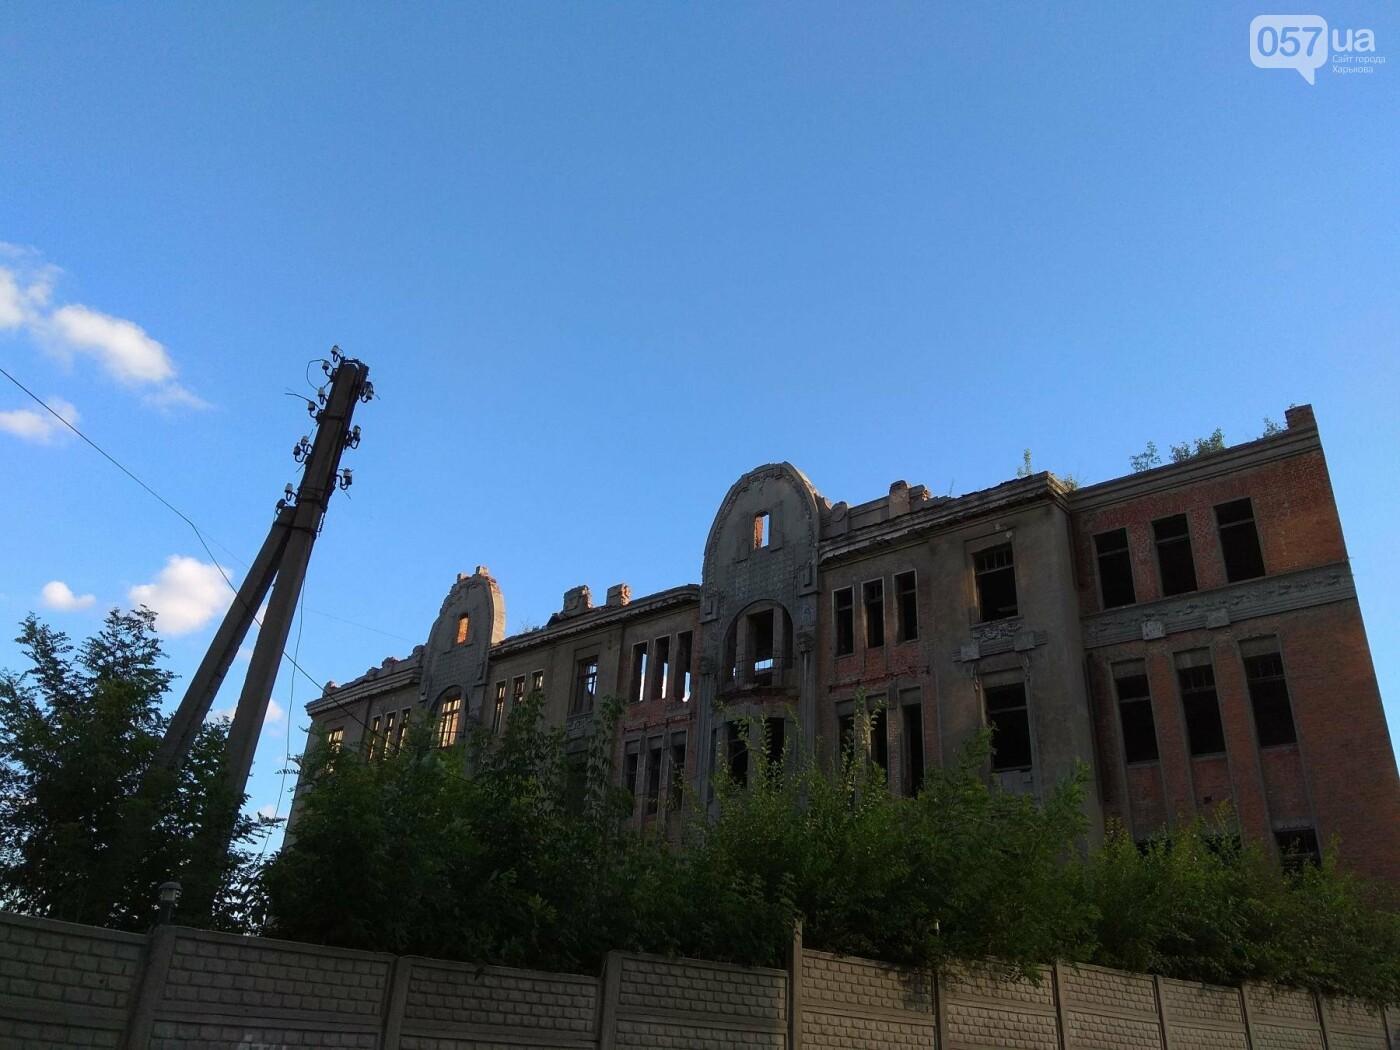 Заброшенная «Крыша мира» или место, где собирались харьковские сатанисты, - ФОТО, фото-7